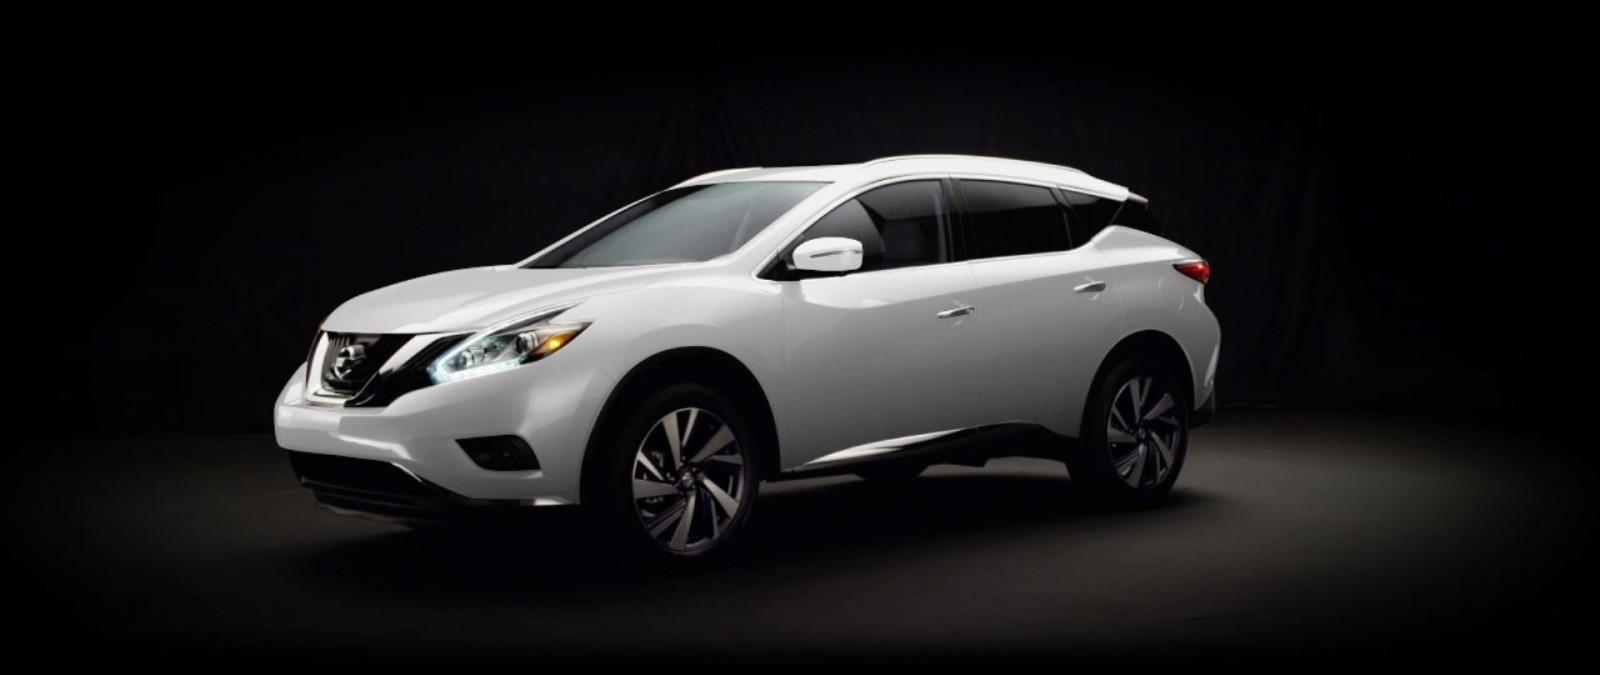 2015 Nissan Murano Pearl White 12